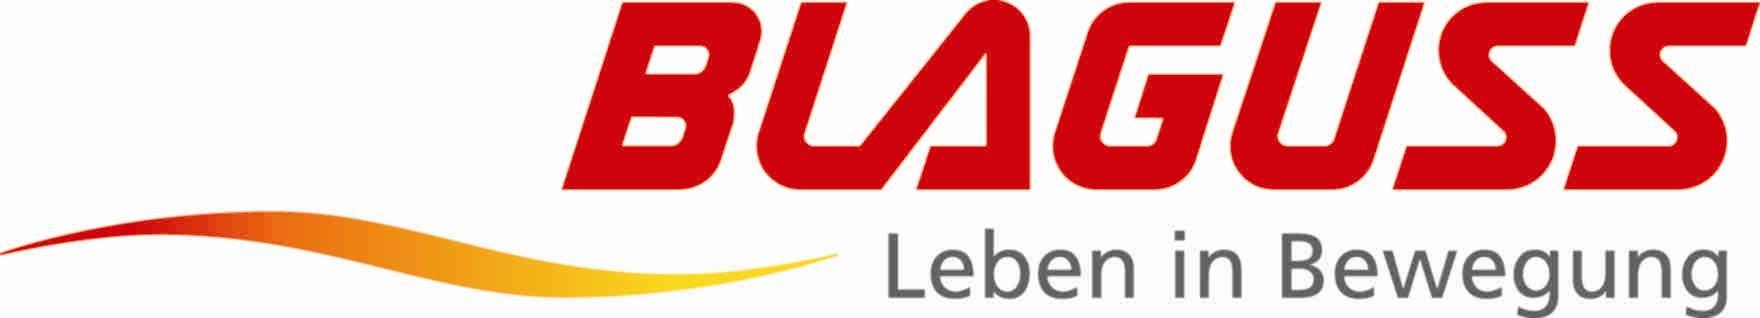 Blaguss_Logo